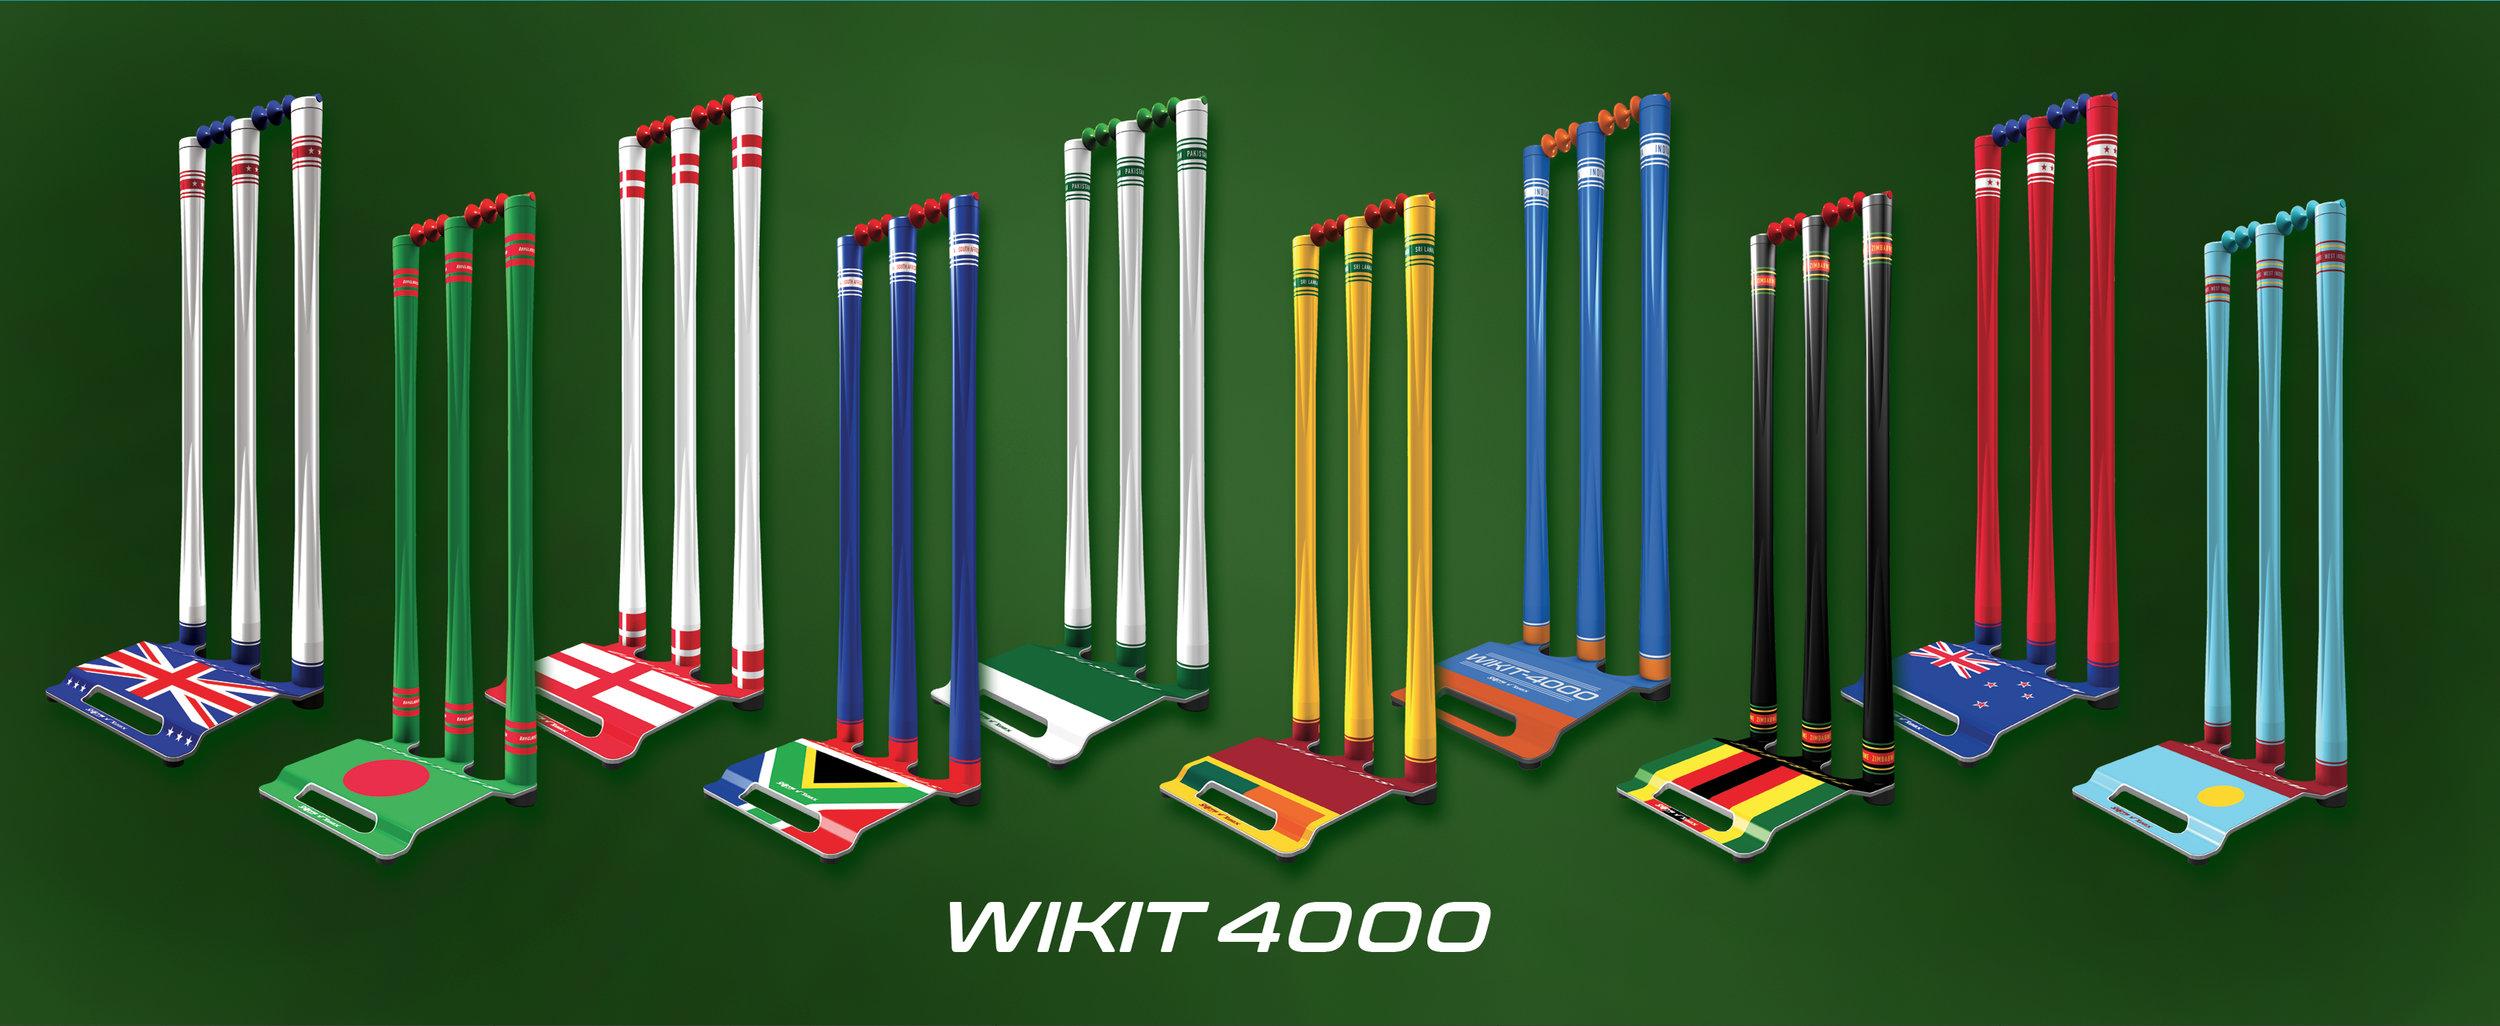 ShiftSPorts-wikit4000.jpg